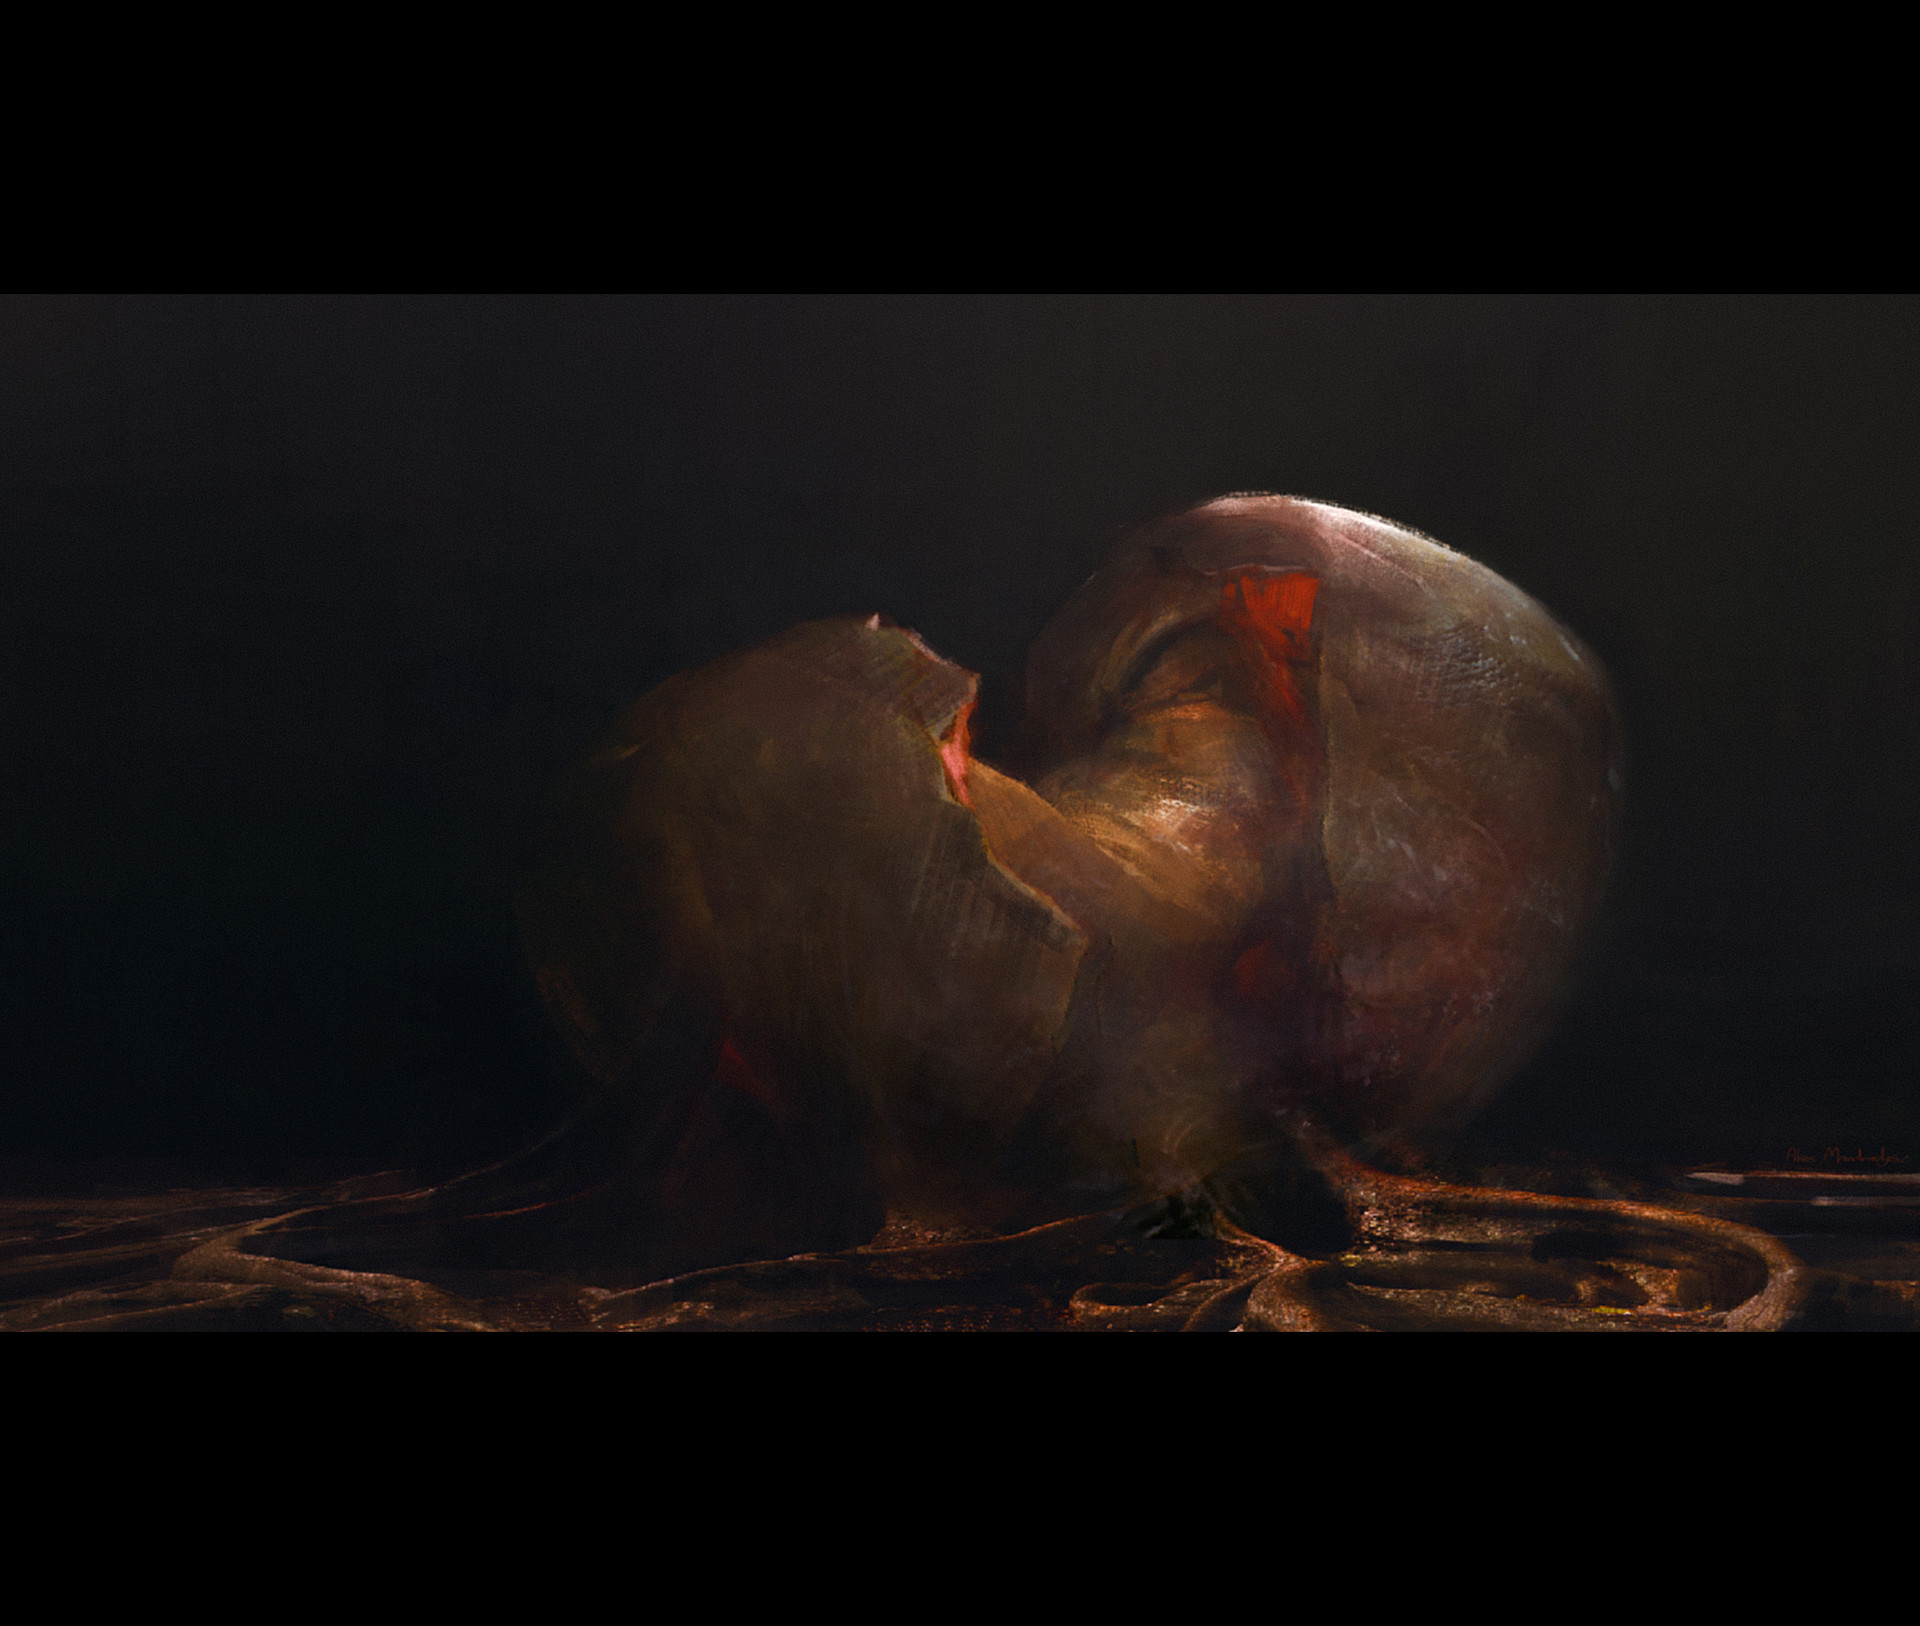 Alexander mandradjiev alien pod v2 b